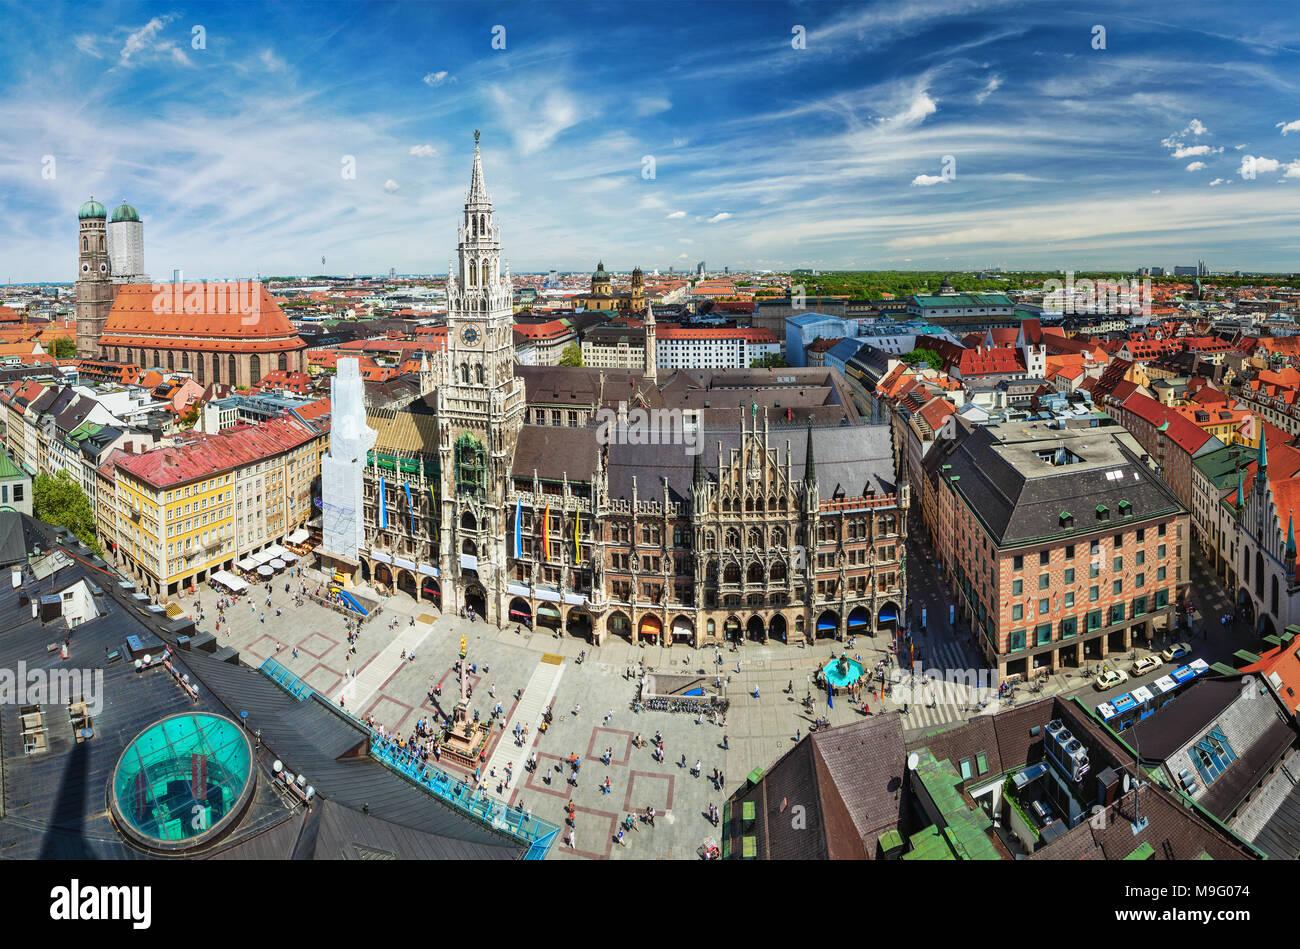 Vue aérienne de Munich, Allemagne Photo Stock